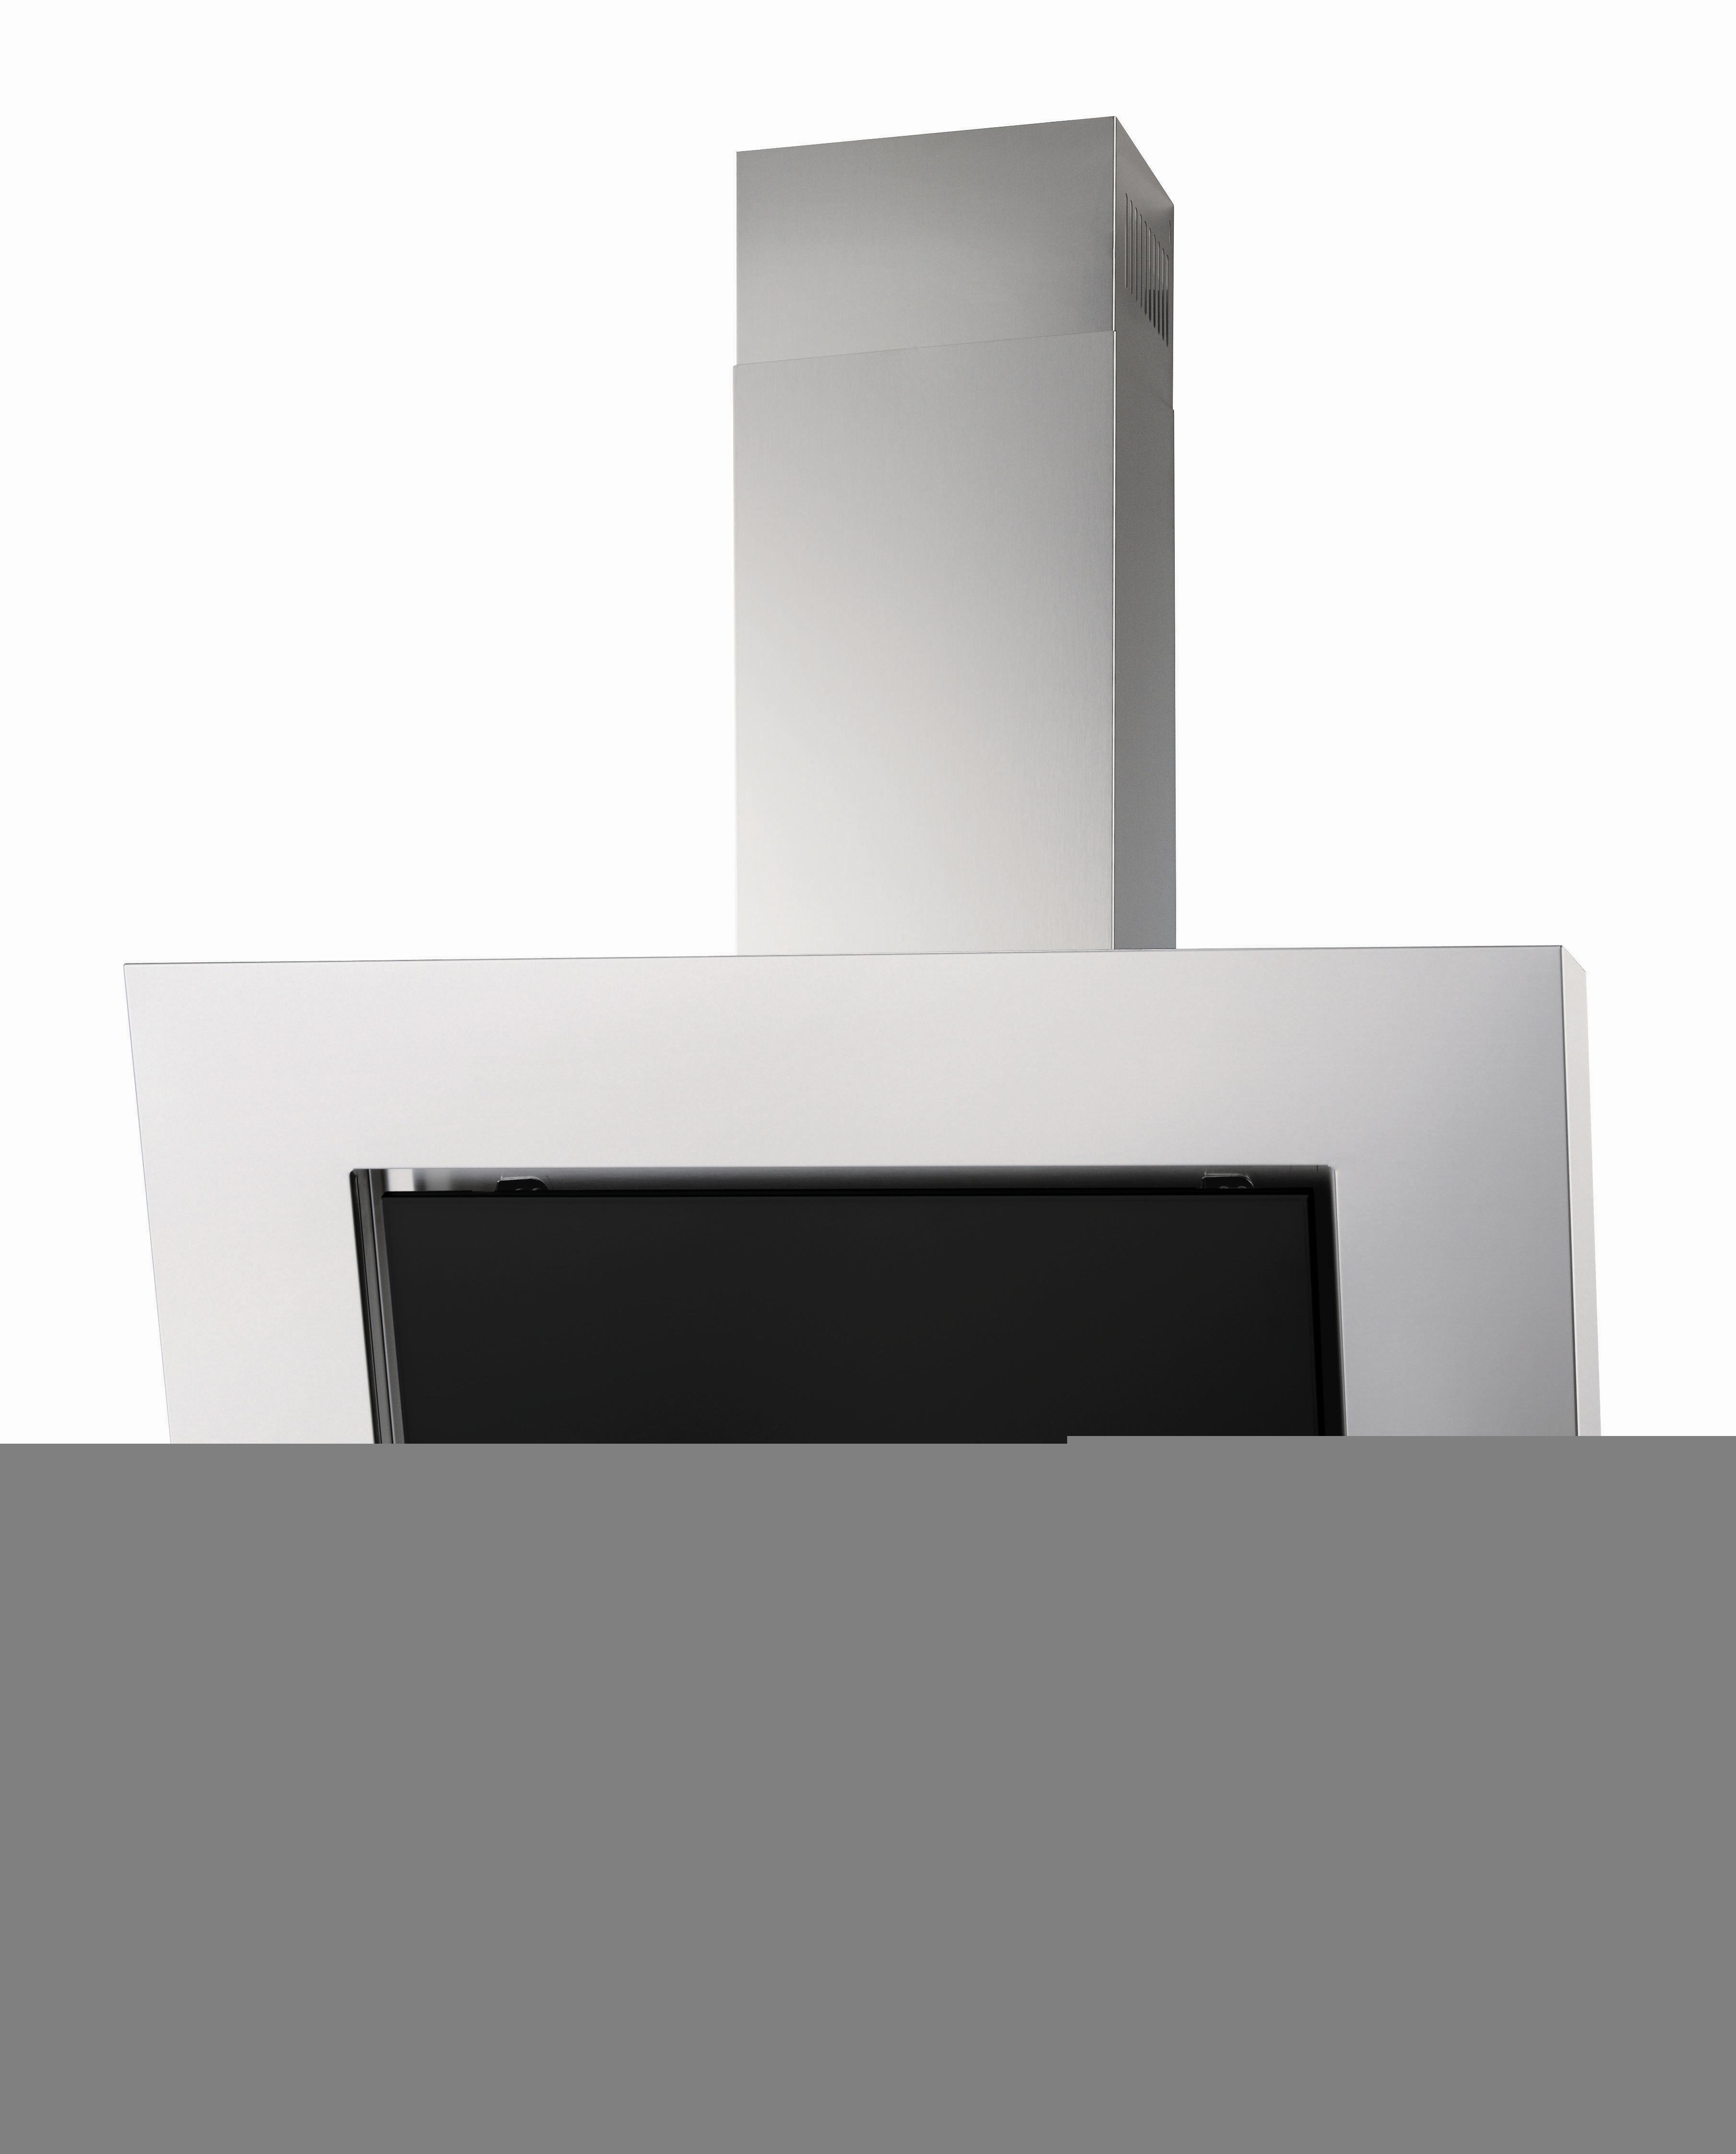 Zanussi zhc86540xa hotte cheminée 80 cm éclairage halogène